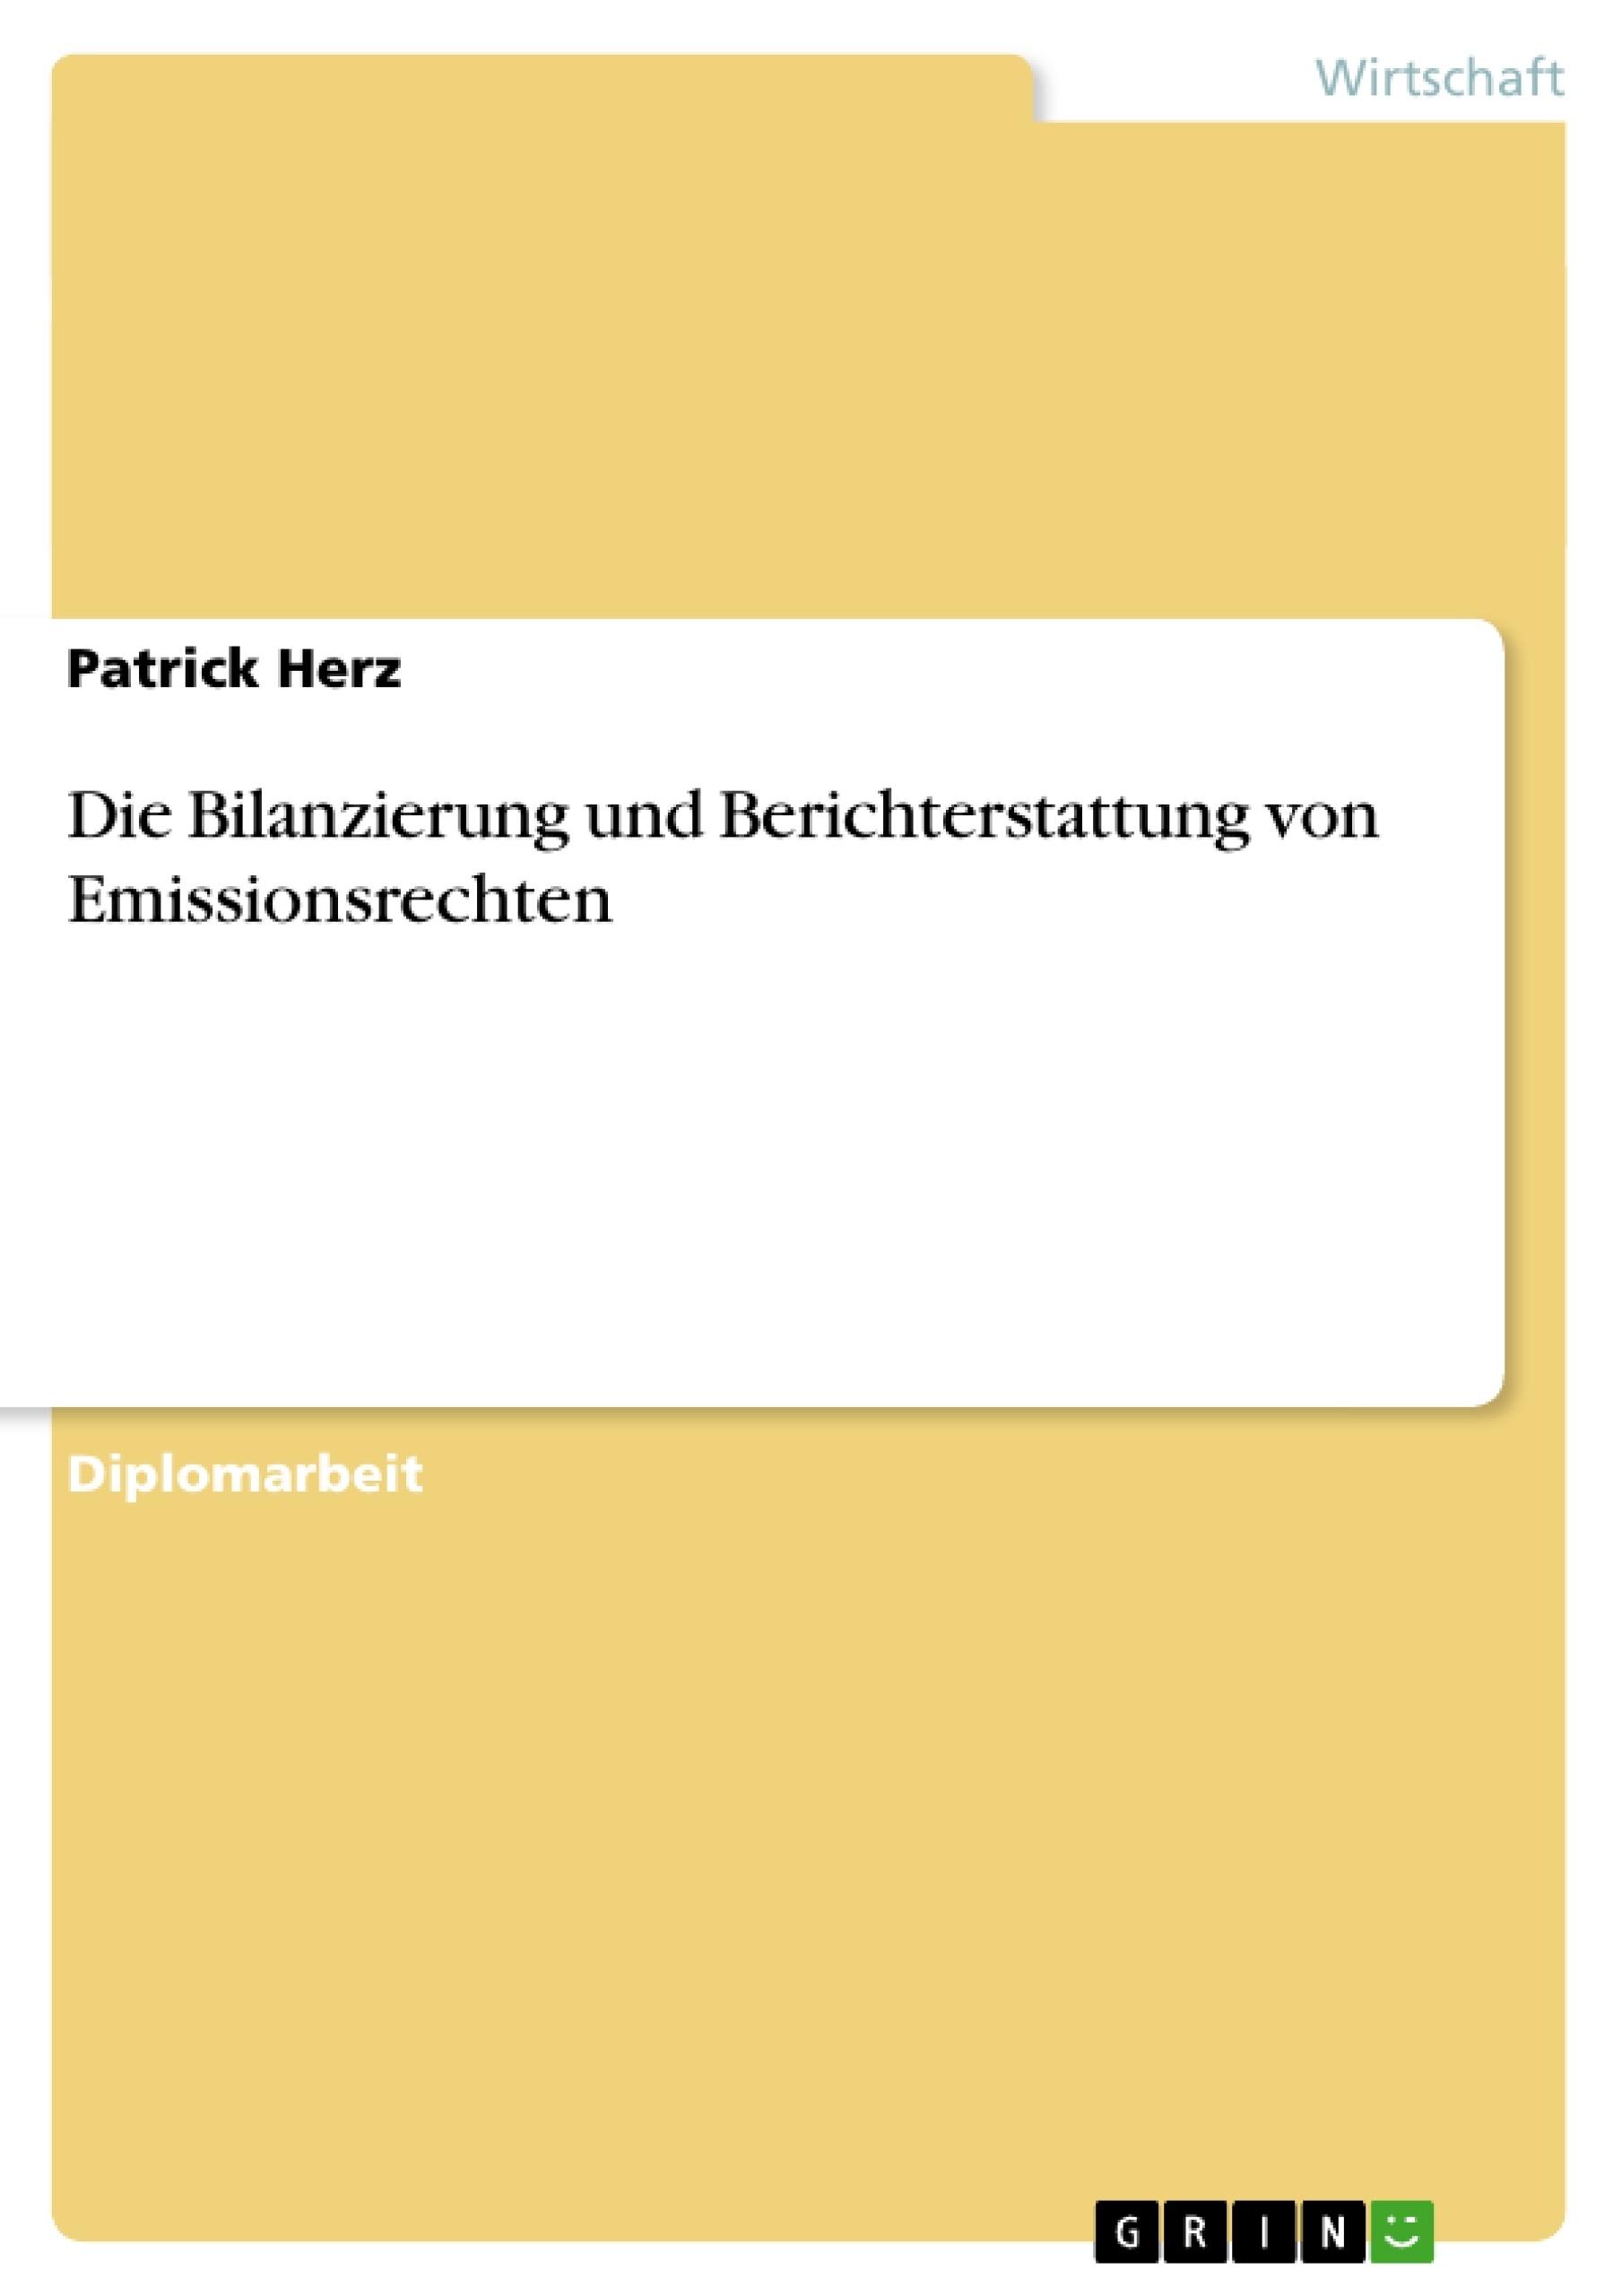 Titel: Die Bilanzierung und Berichterstattung von Emissionsrechten